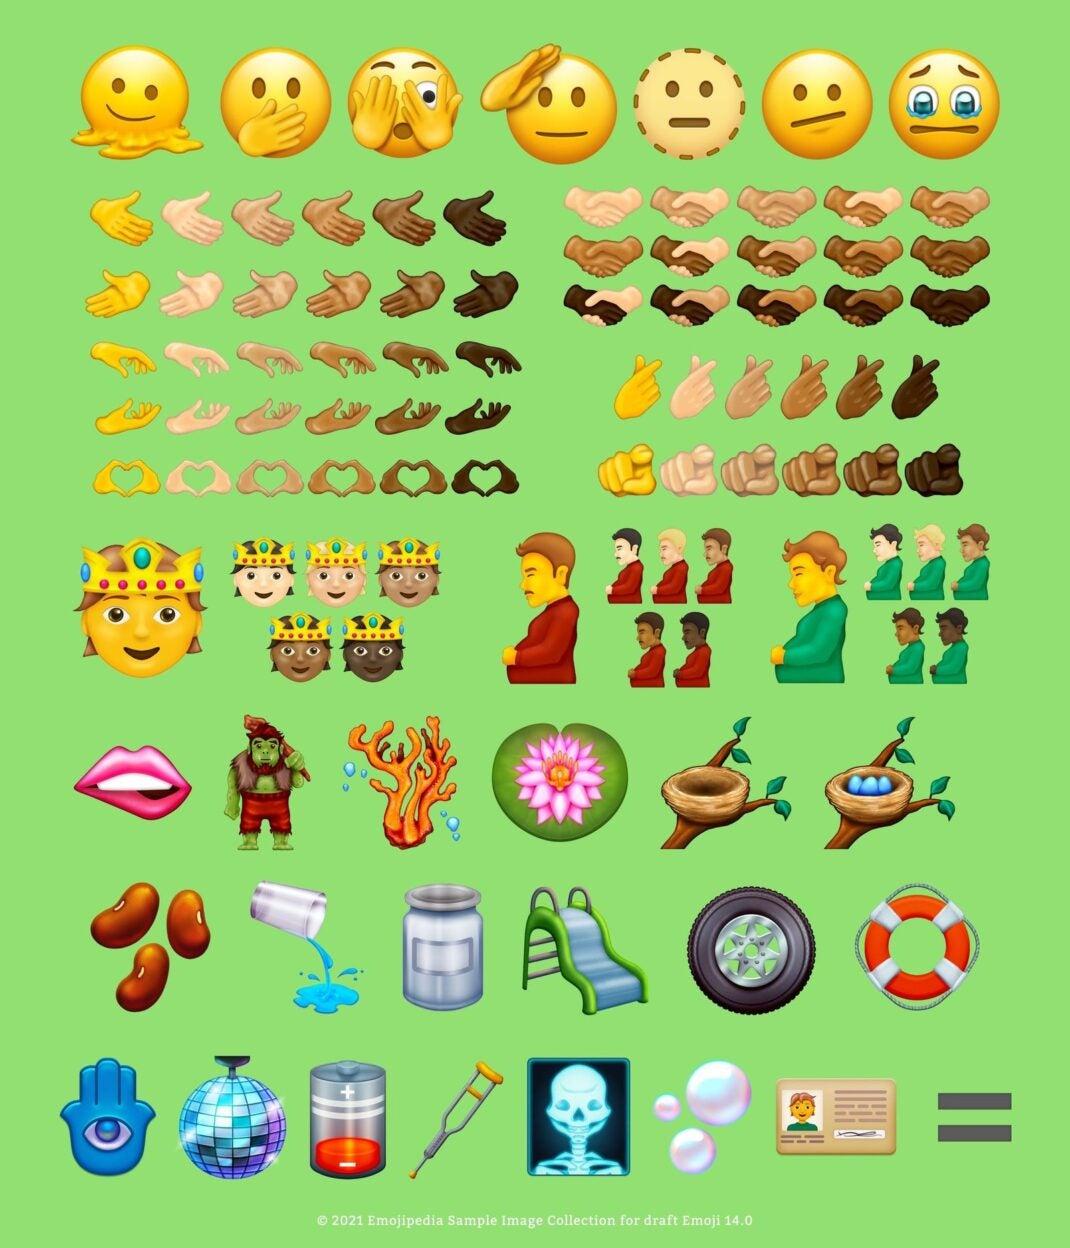 Die neuen Emojis in Version 14.0